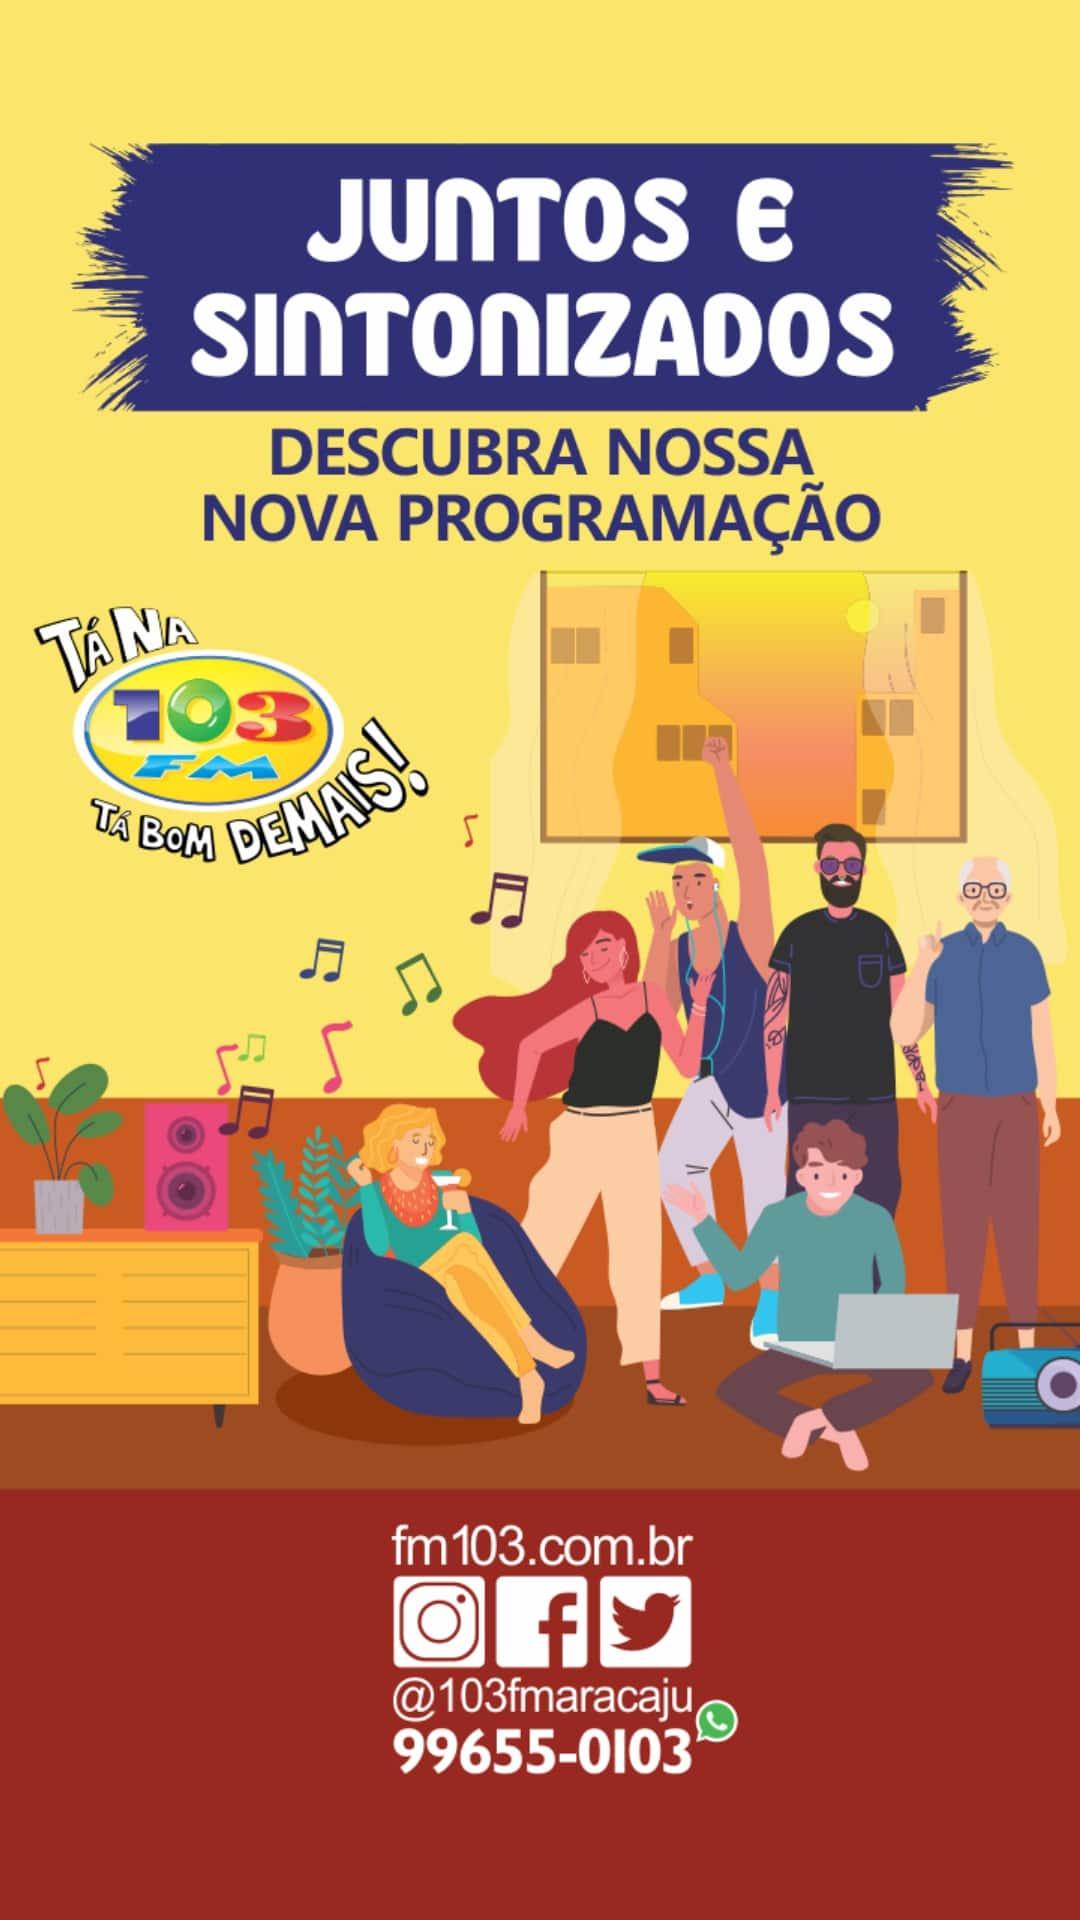 Imagem da Voucher Farmácias Edson